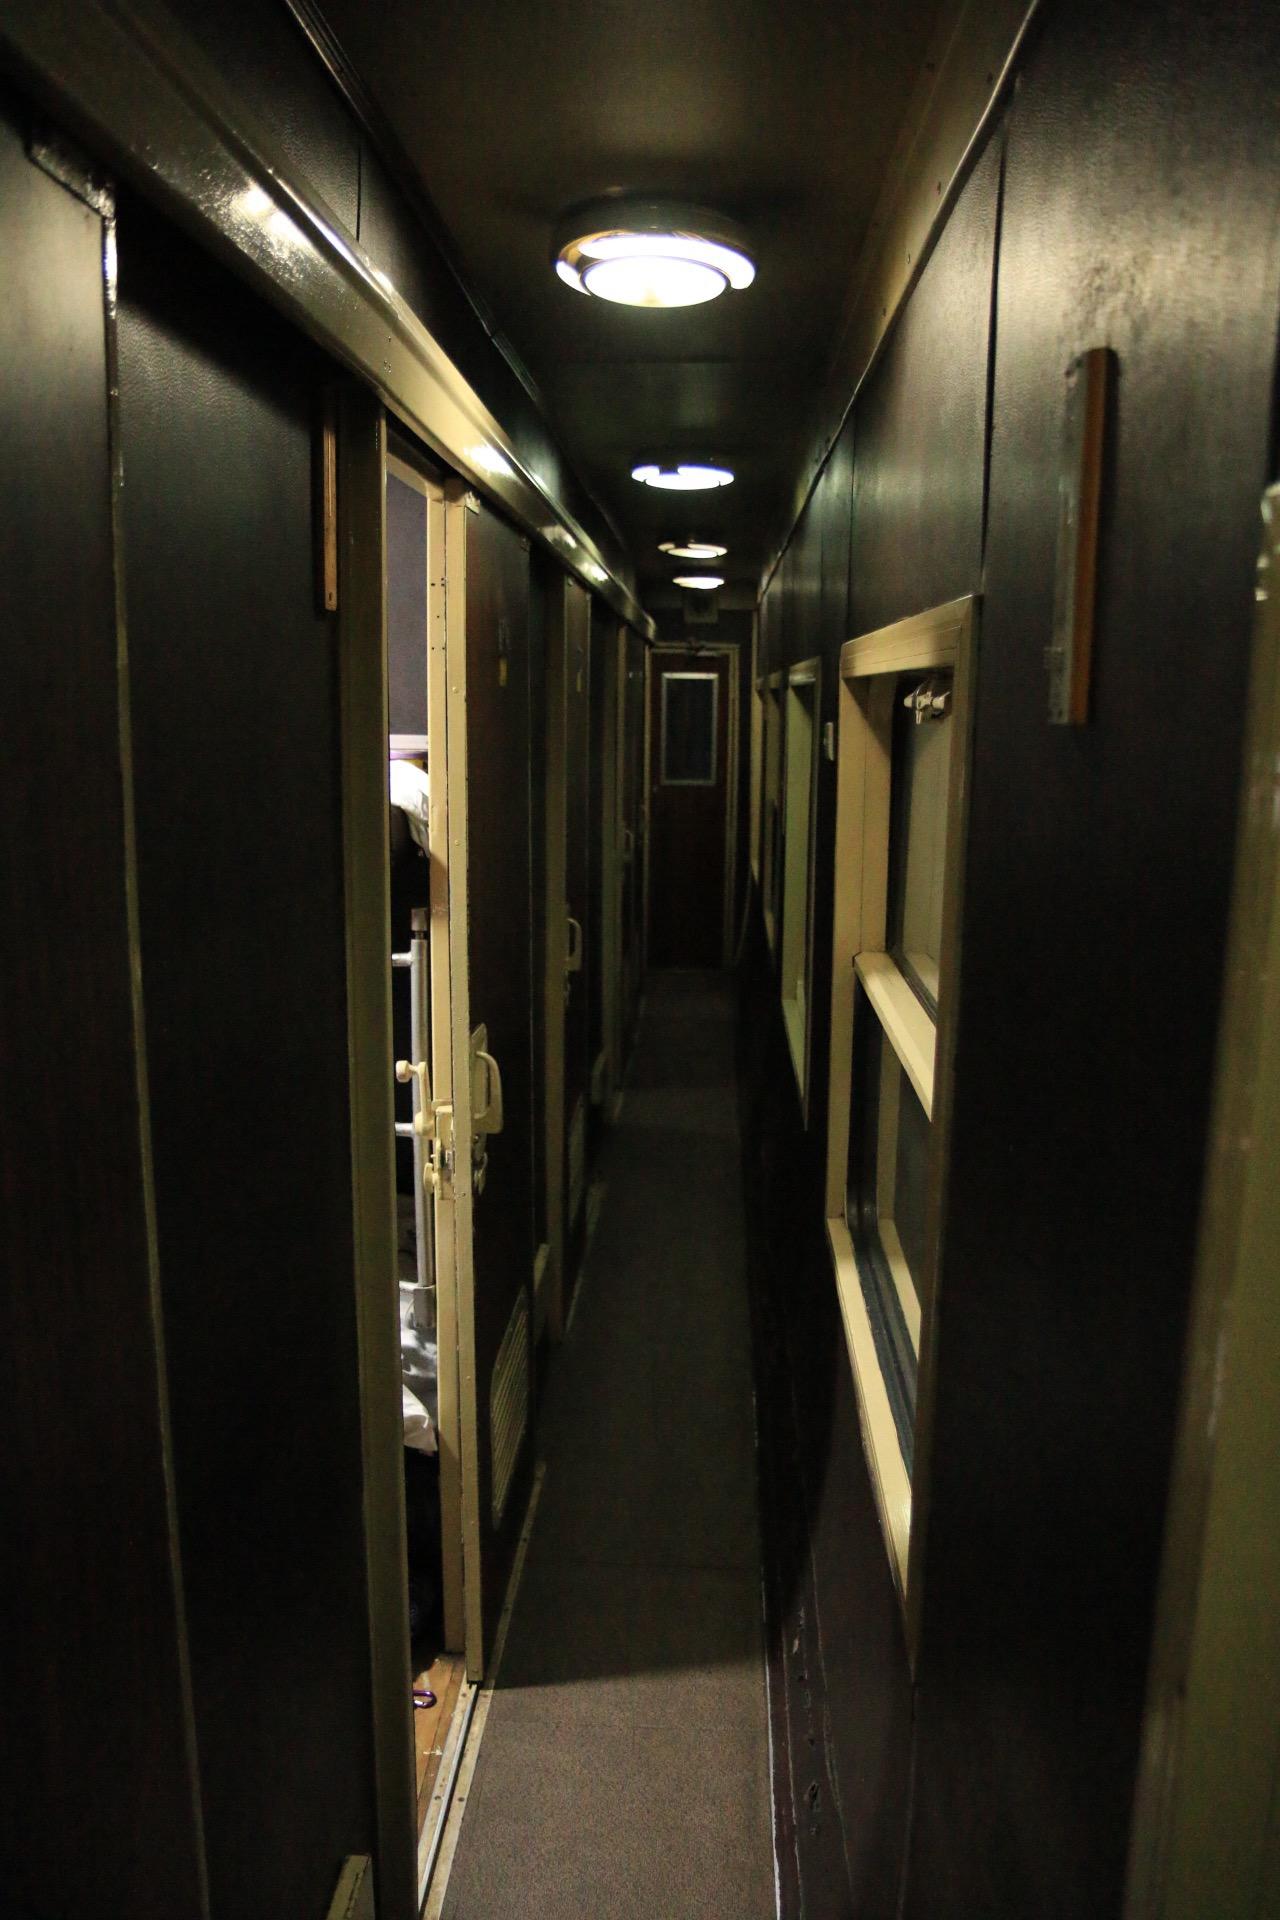 Die Gänge entlang der Abteil waren extrem eng. Mit XXL-Rucksack auf dem Rücken darf man hier nicht an Platzangst leiden.